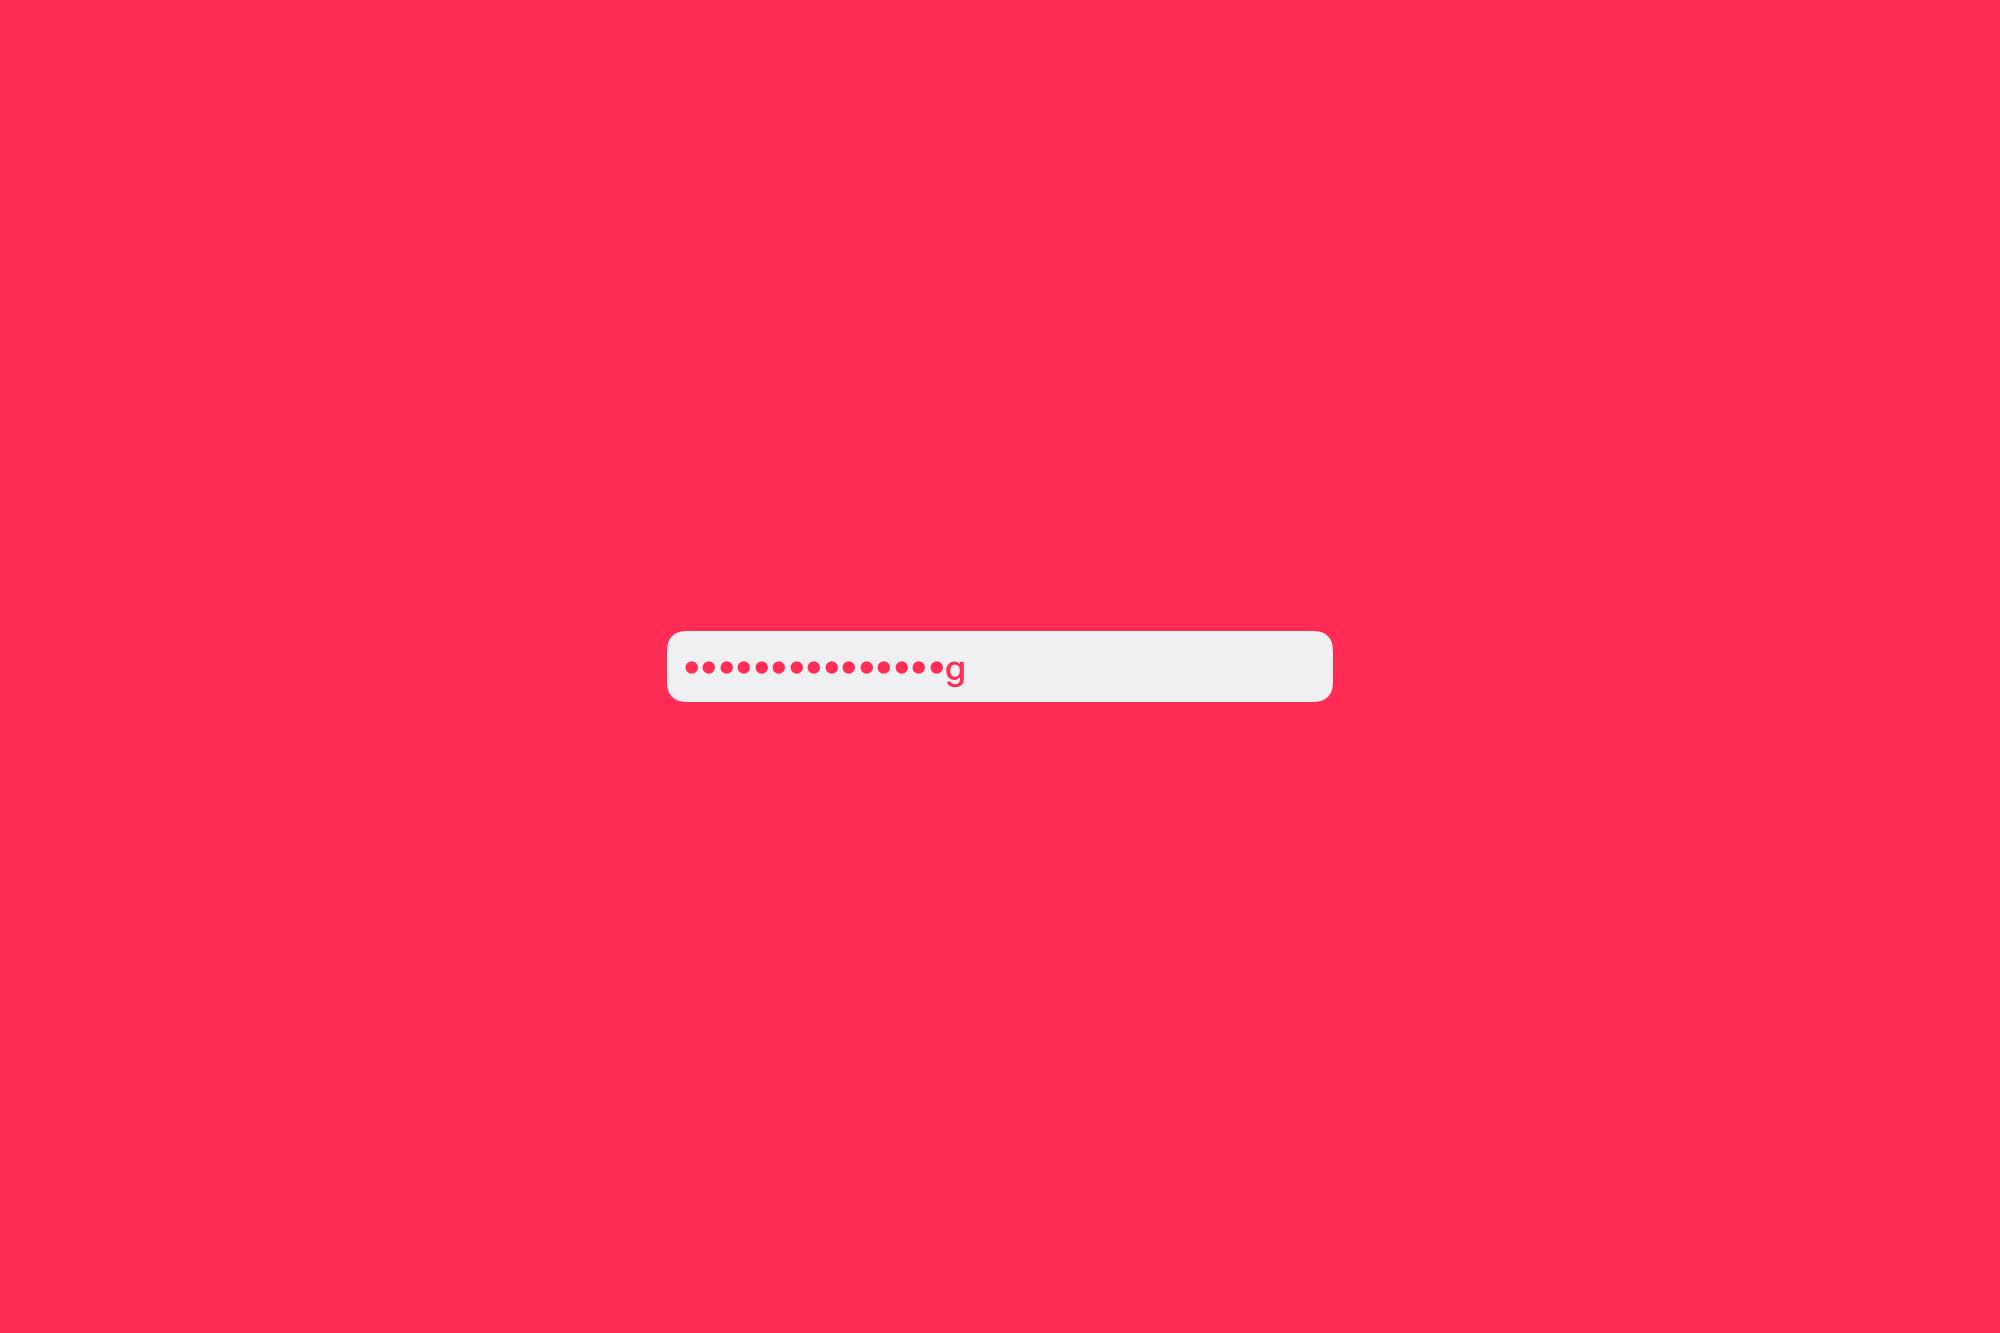 Passwort.png